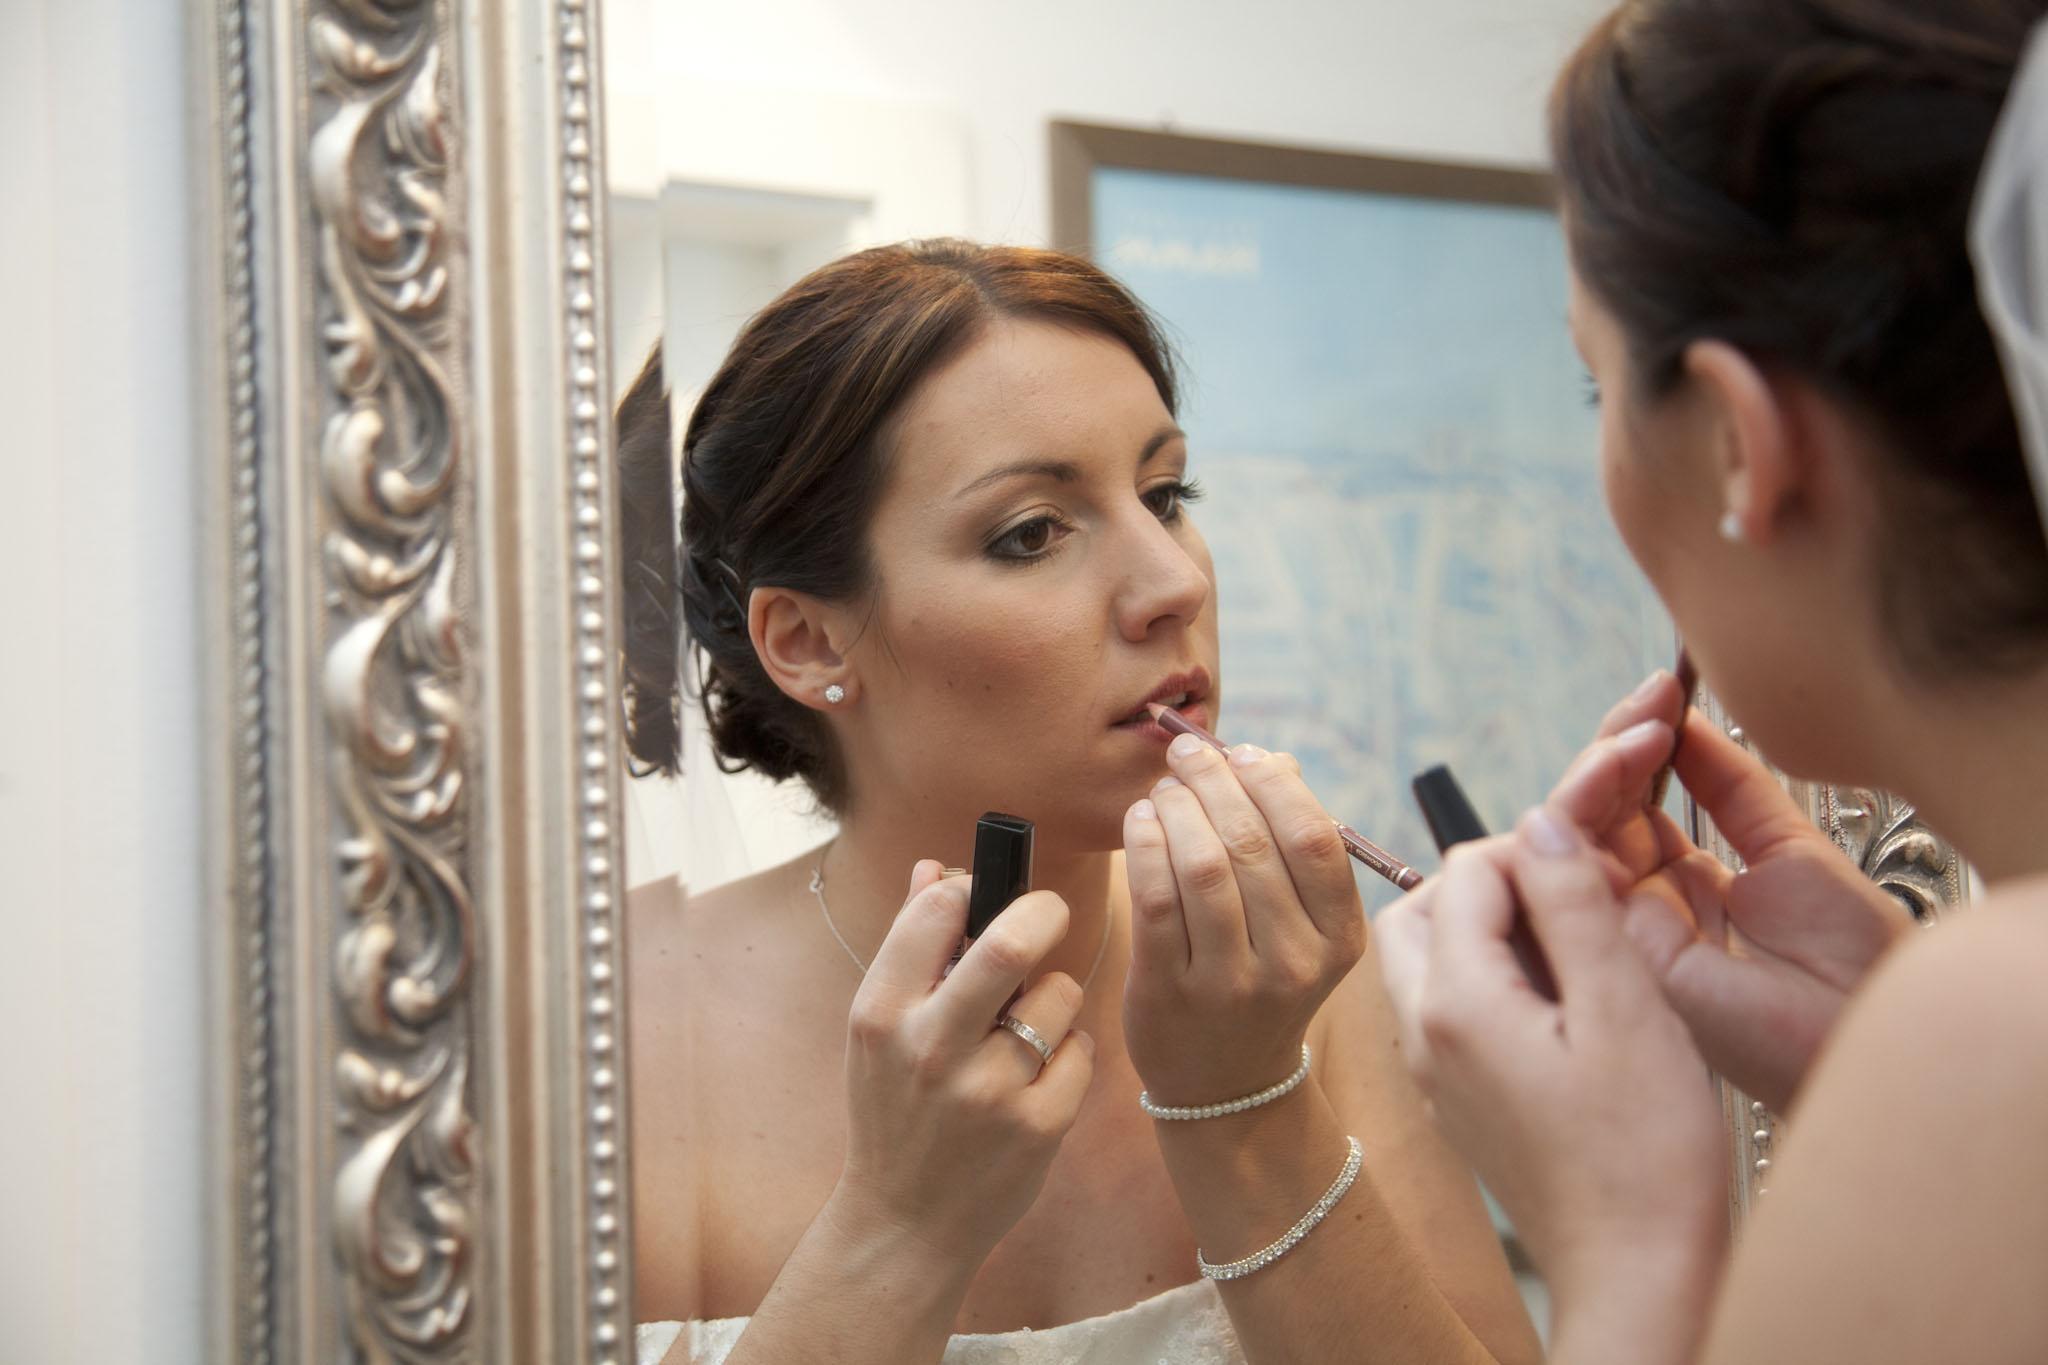 Die Braut schminkt sich beim Dress Up am Hochzeitstag. Sie spiegelt sich und schminkt ihre Lippen. Sie hat ein Hochzeitskleid an und trägt Schmuck.